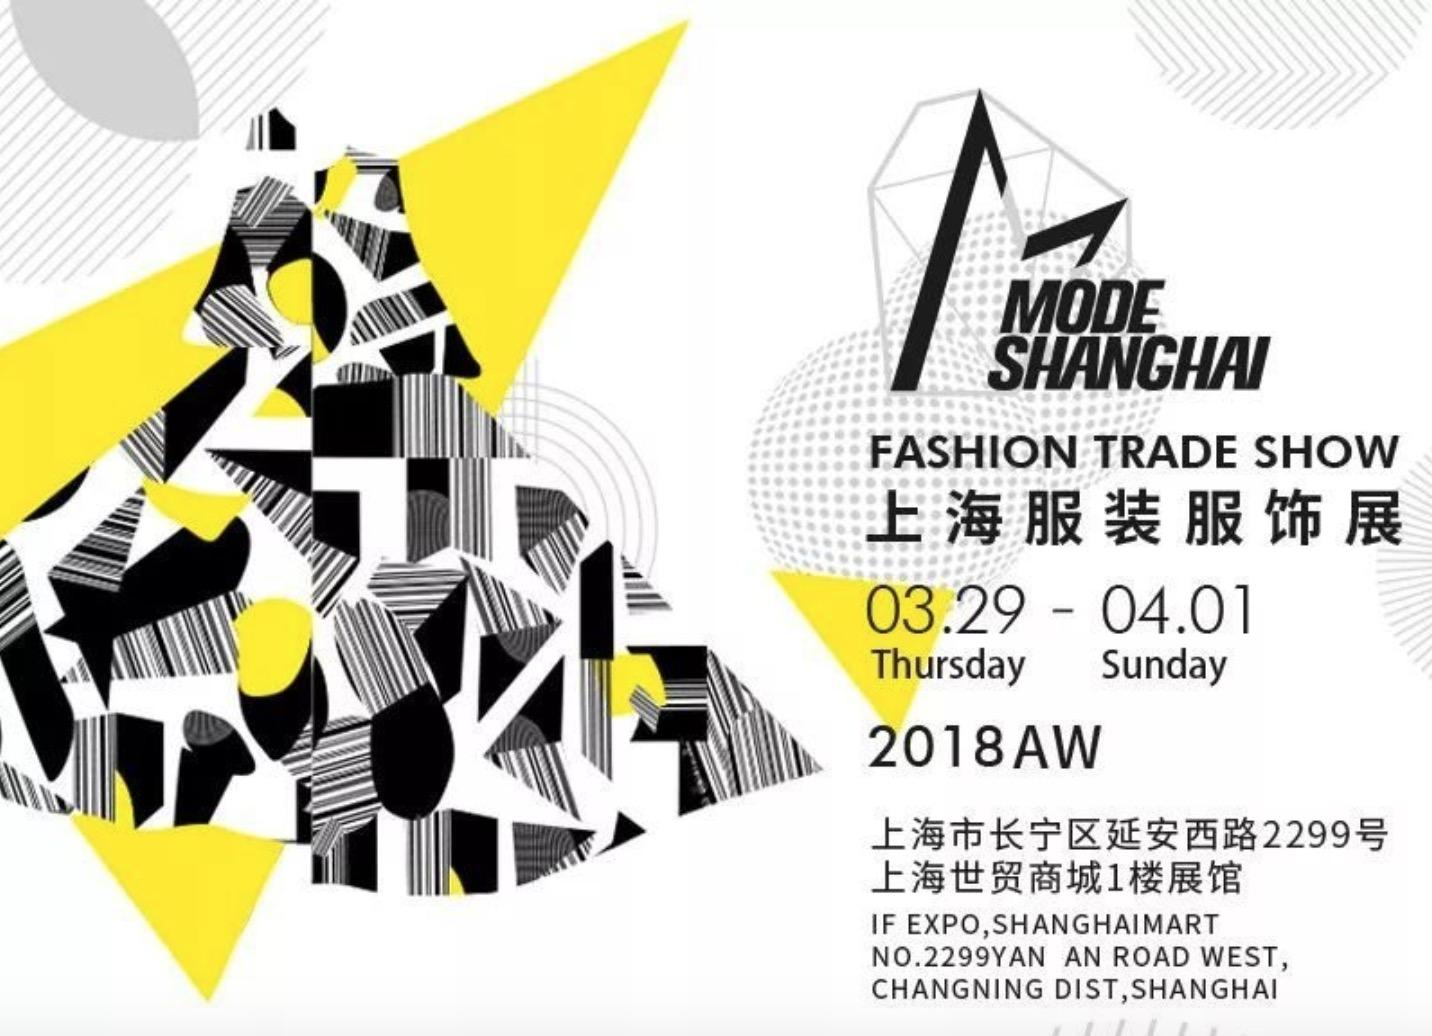 第七季MODE上海服装服饰展注入产业新动能!《华丽志》继续担当核心媒体合作伙伴